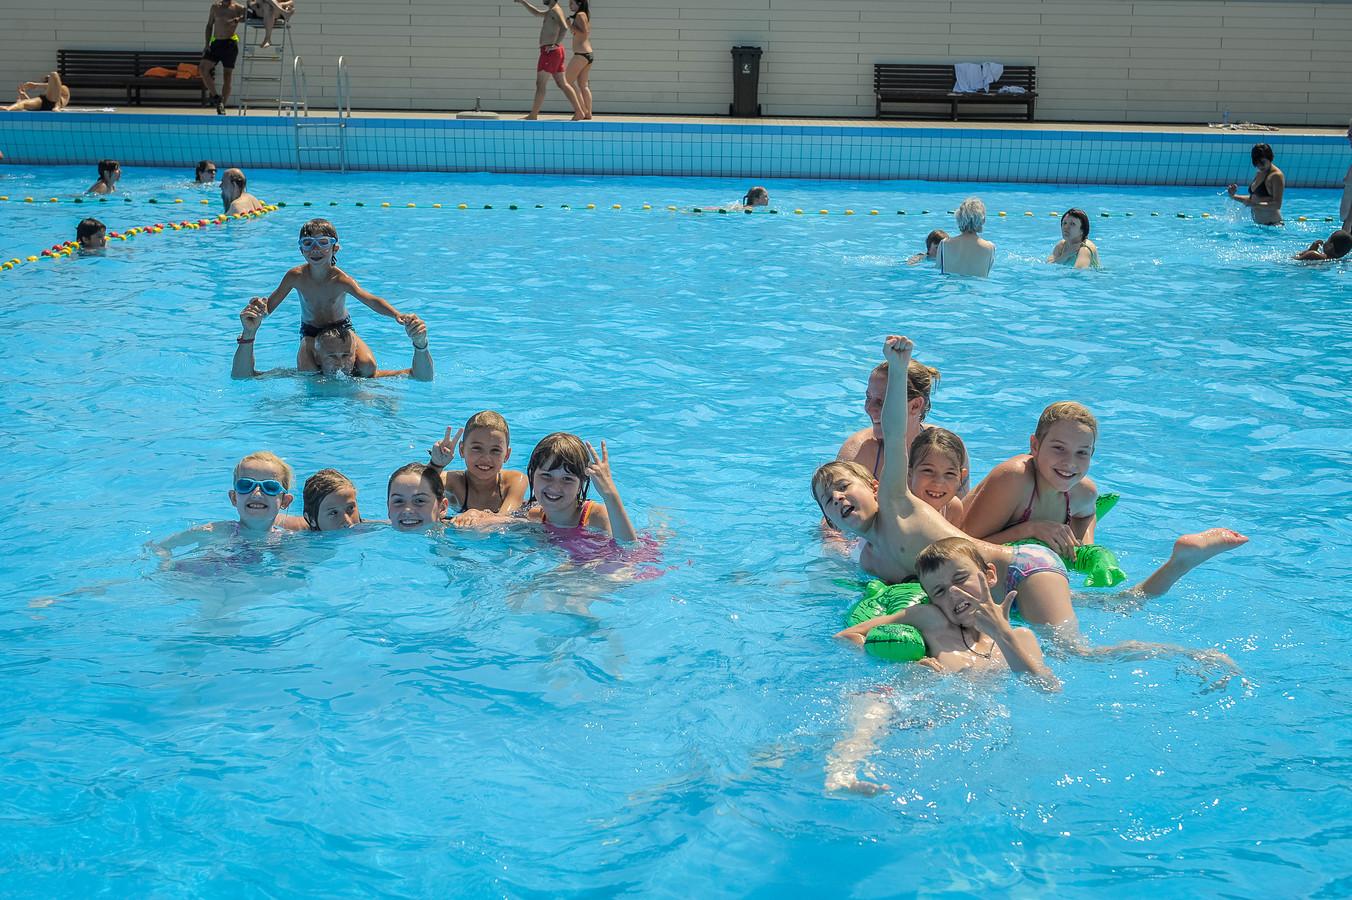 In zwembad De Molen op Linkeroever genieten kinderen met volle teugen van het mooie weer.